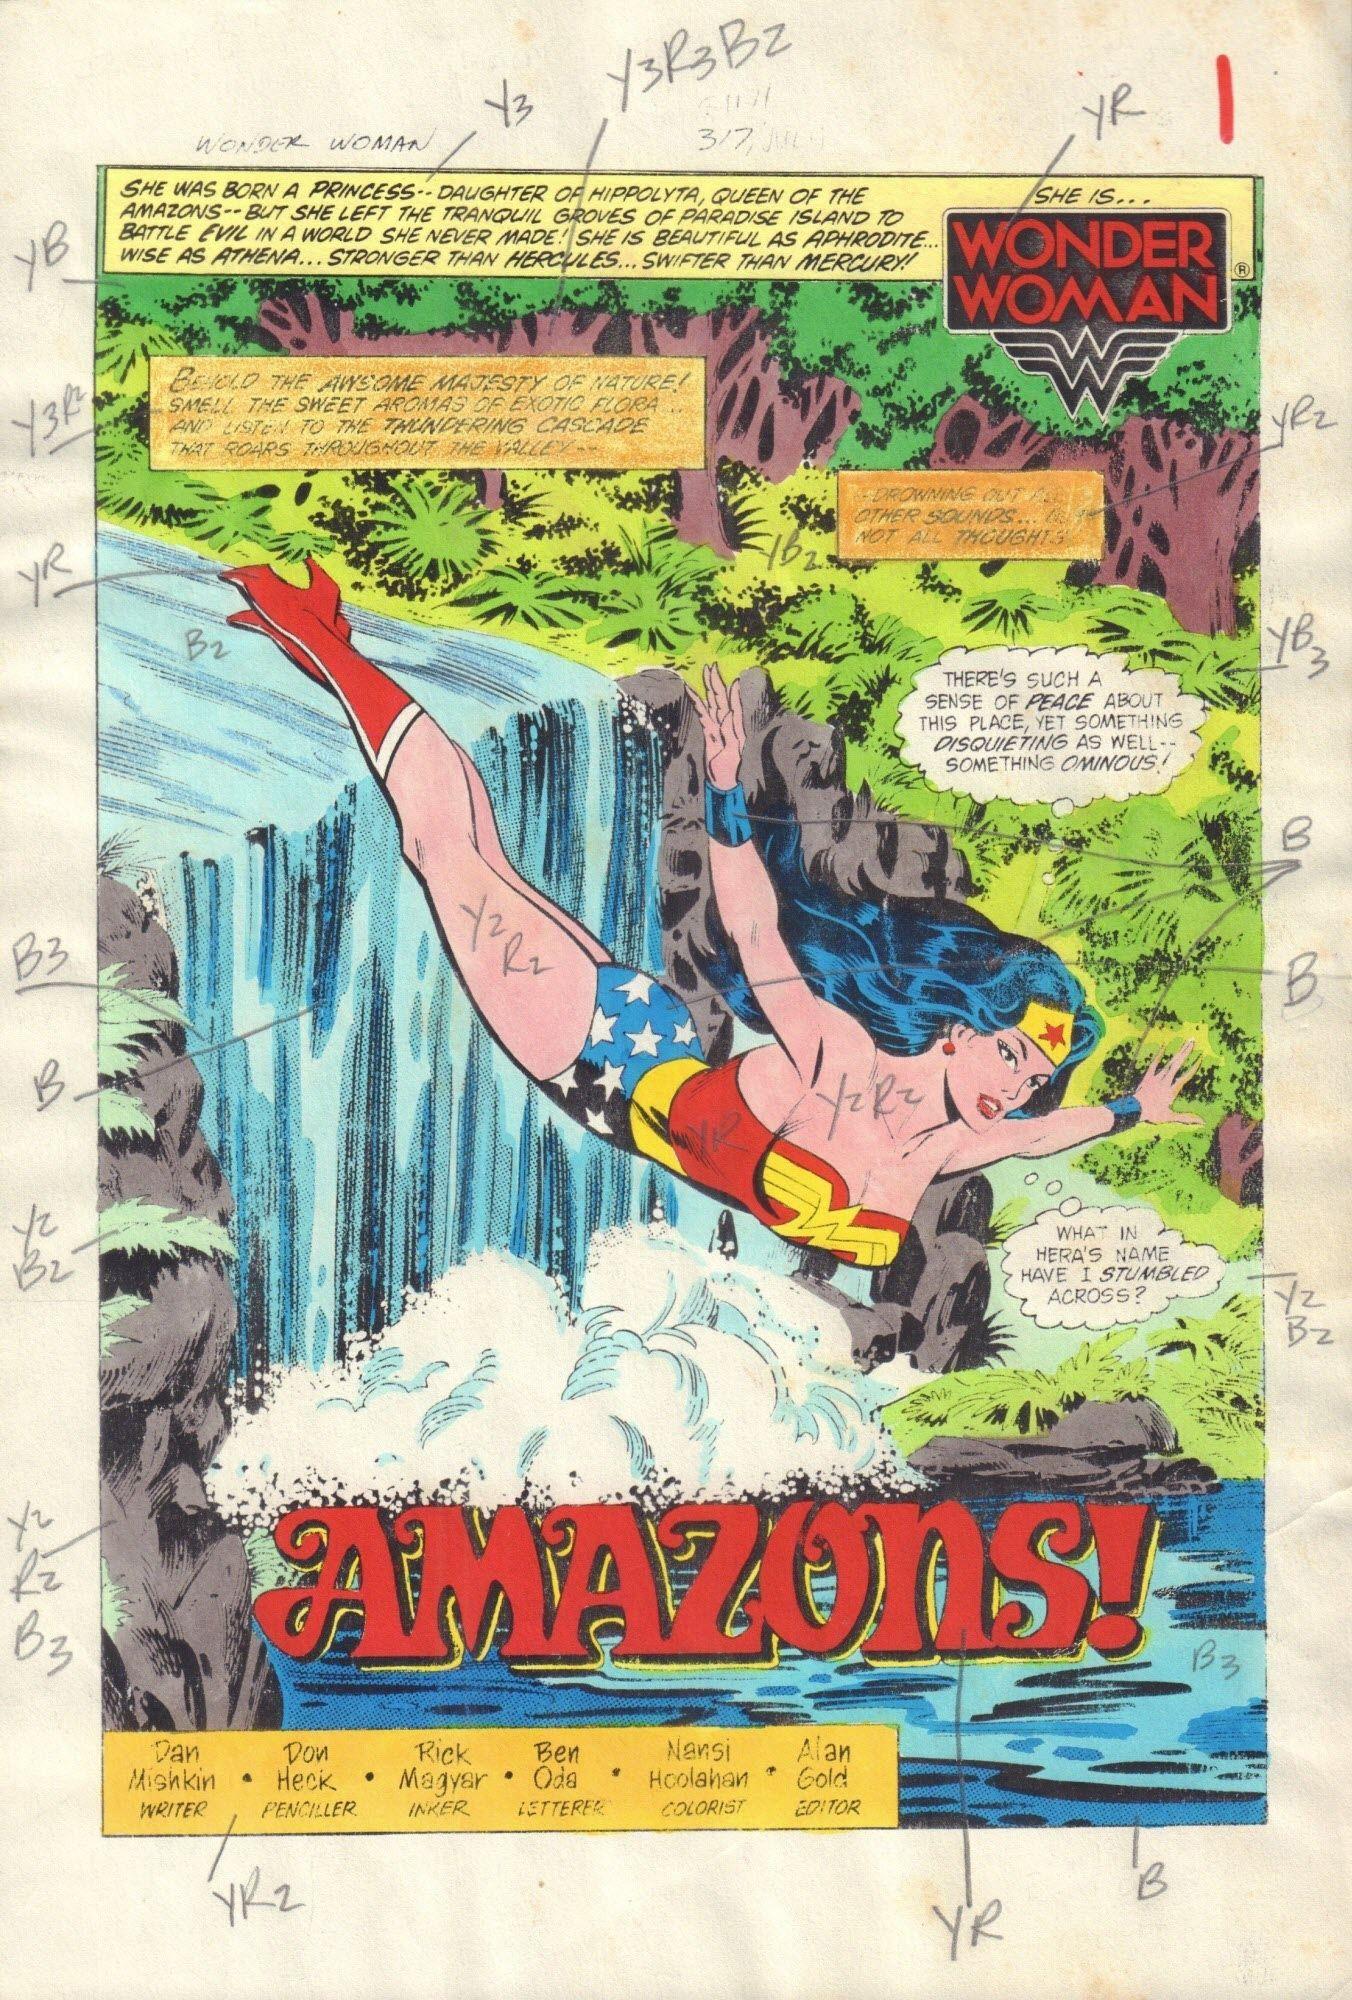 Wonder Woman #317 / 1